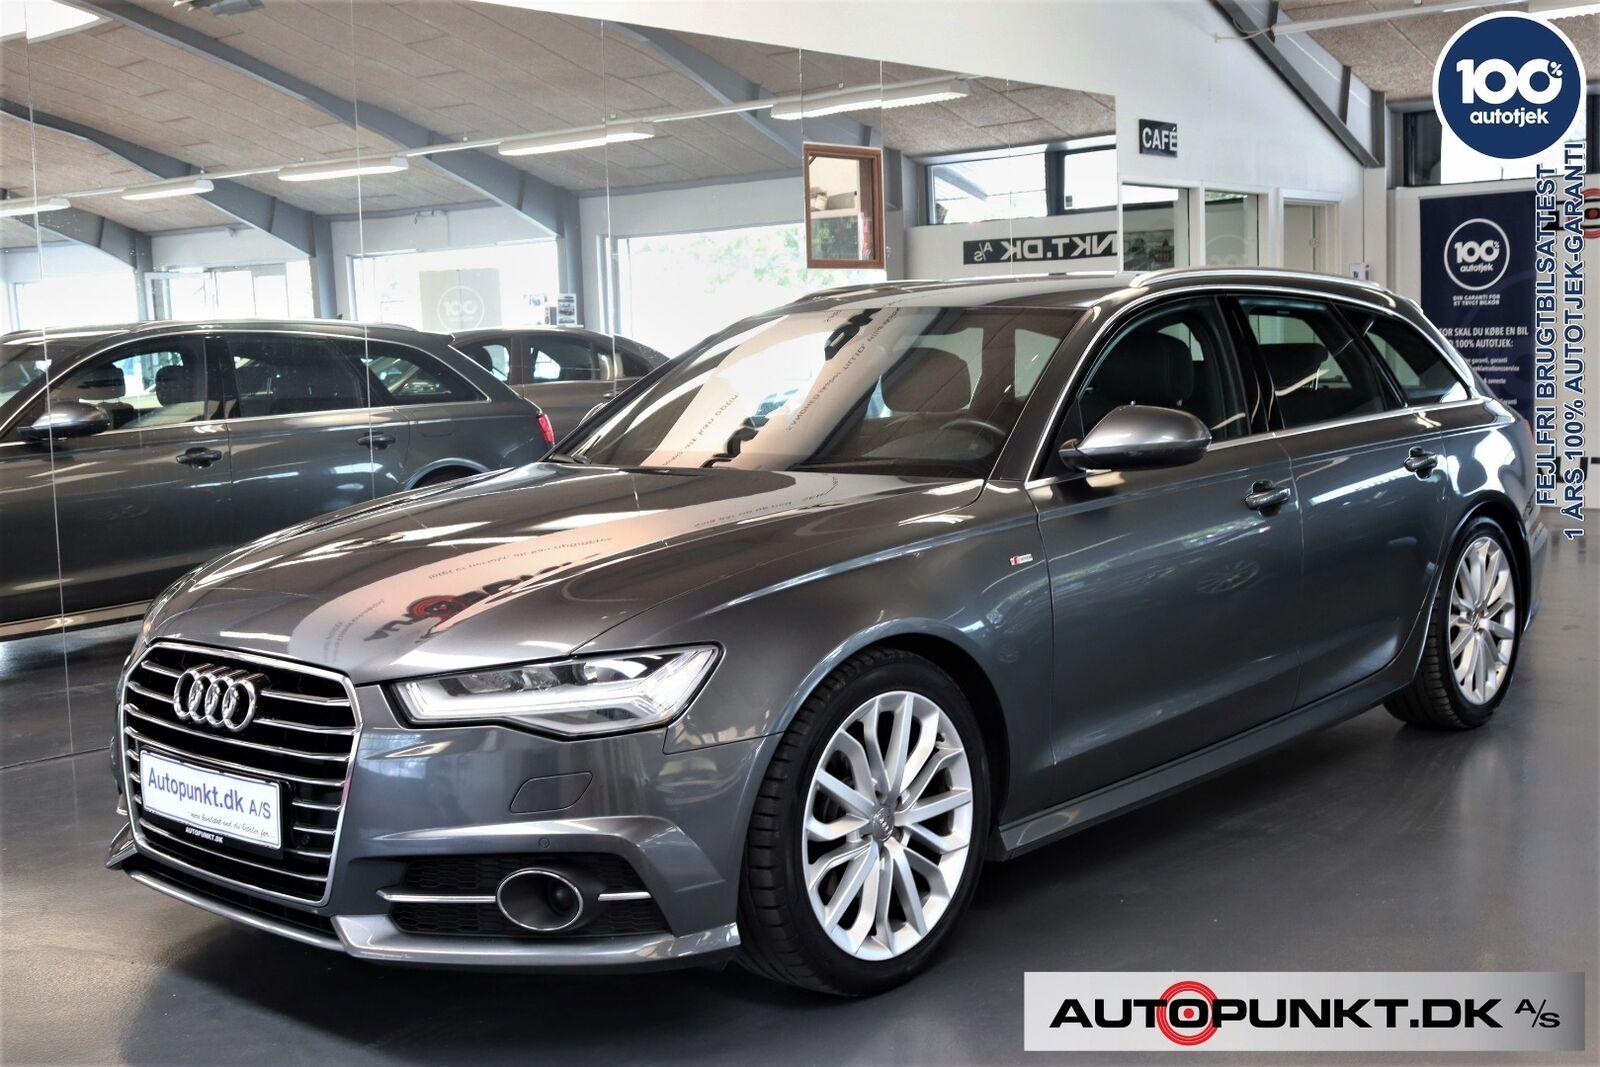 Audi A6 2,0 TDi 190 Ultra Avant S-tr. 5d - 309.700 kr.